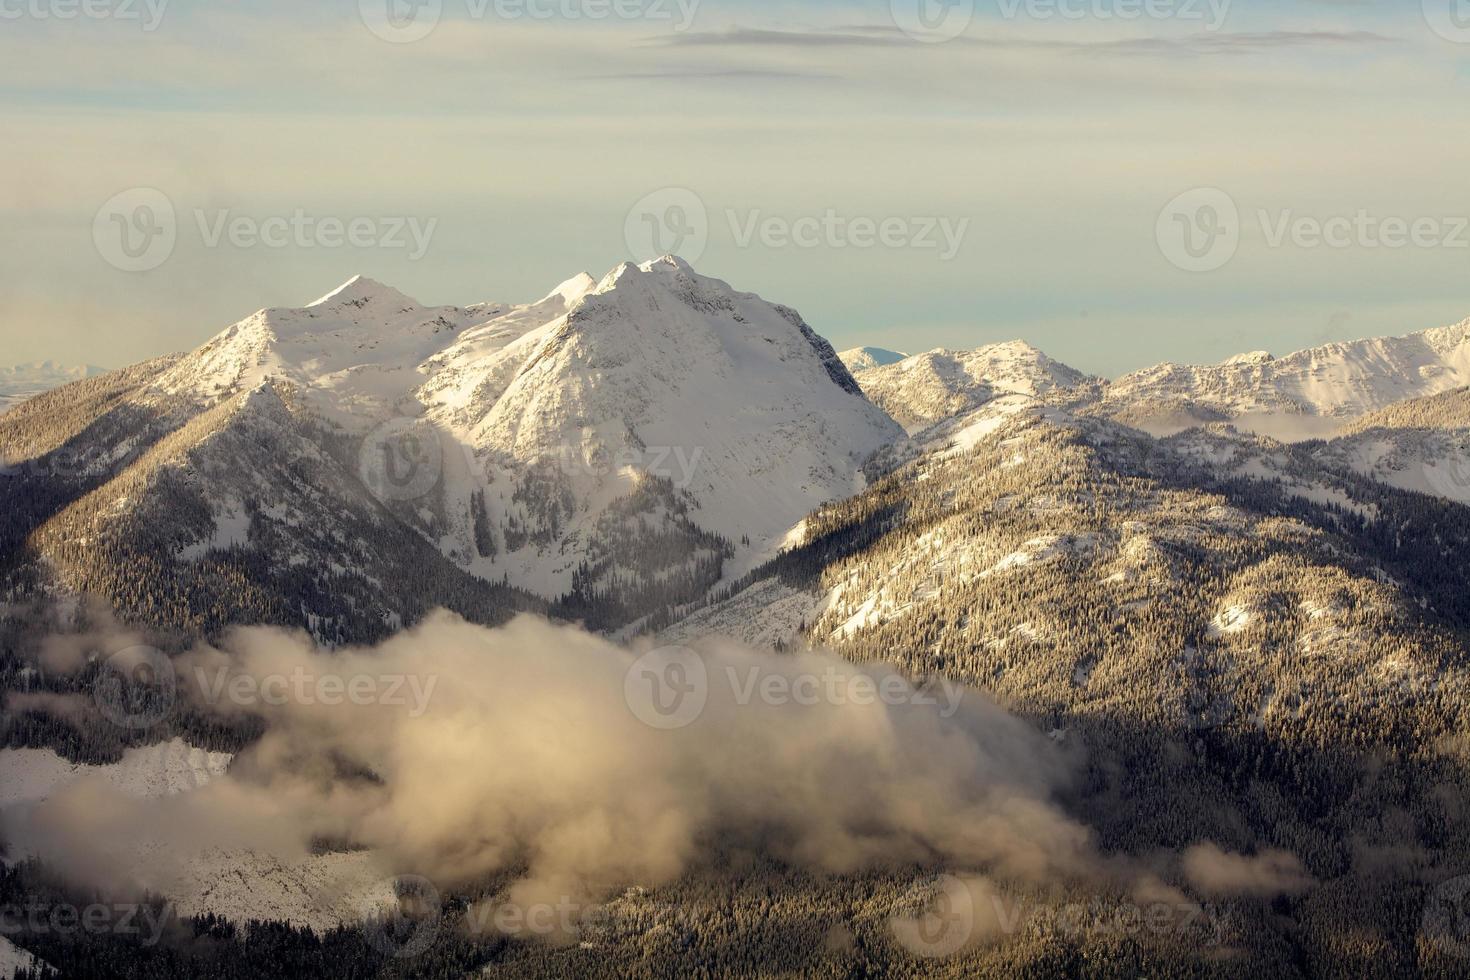 monashee bergen brittiska columbia canada foto